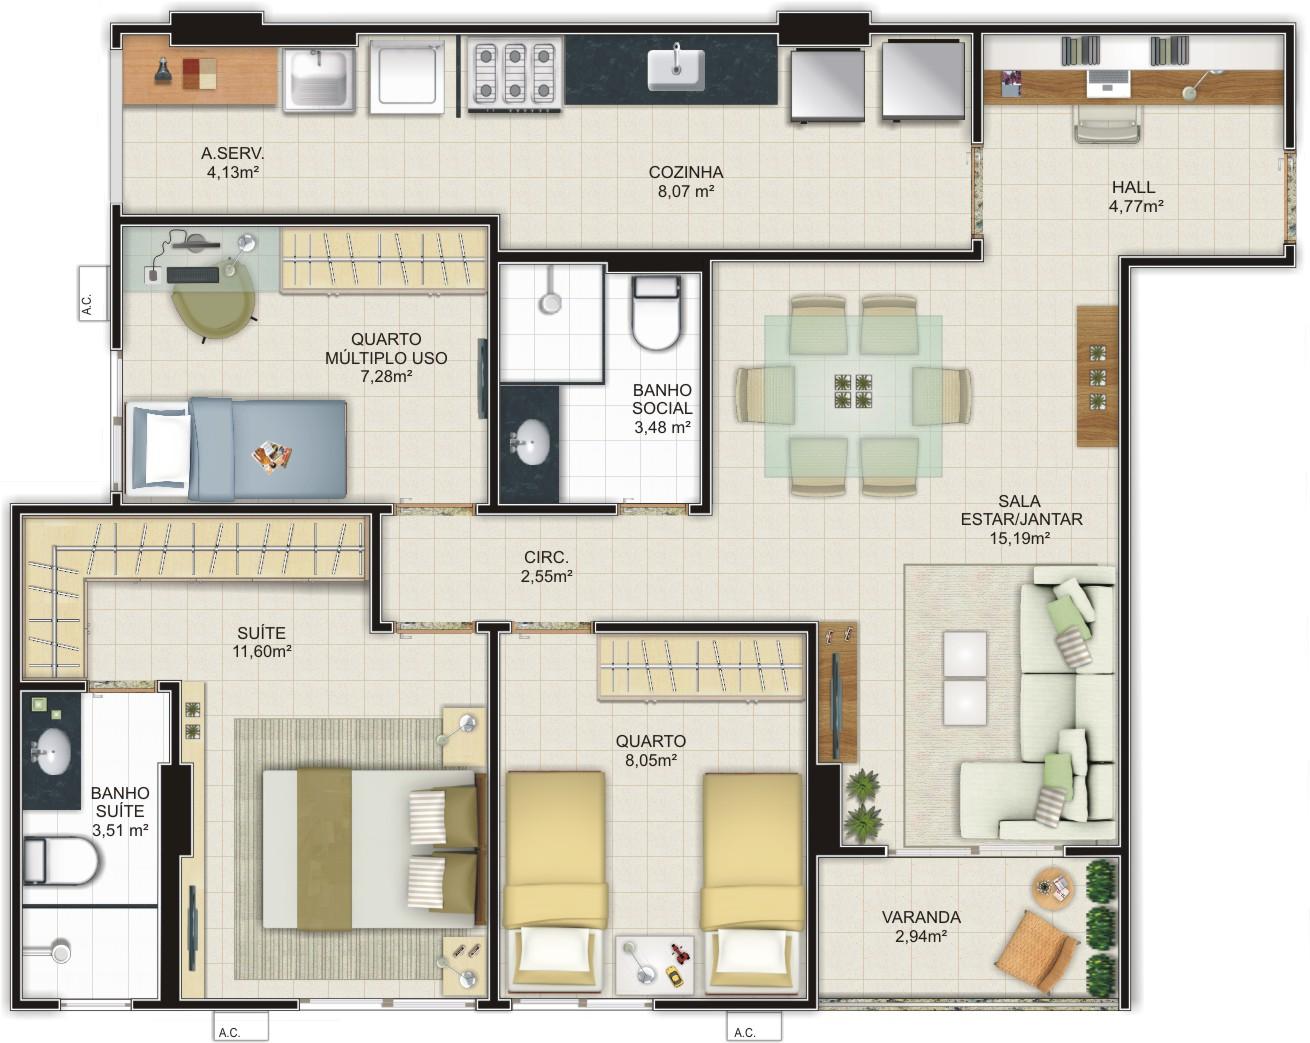 Projetos de casas modernas e baratas Decorando Casas #886B43 1310 1043